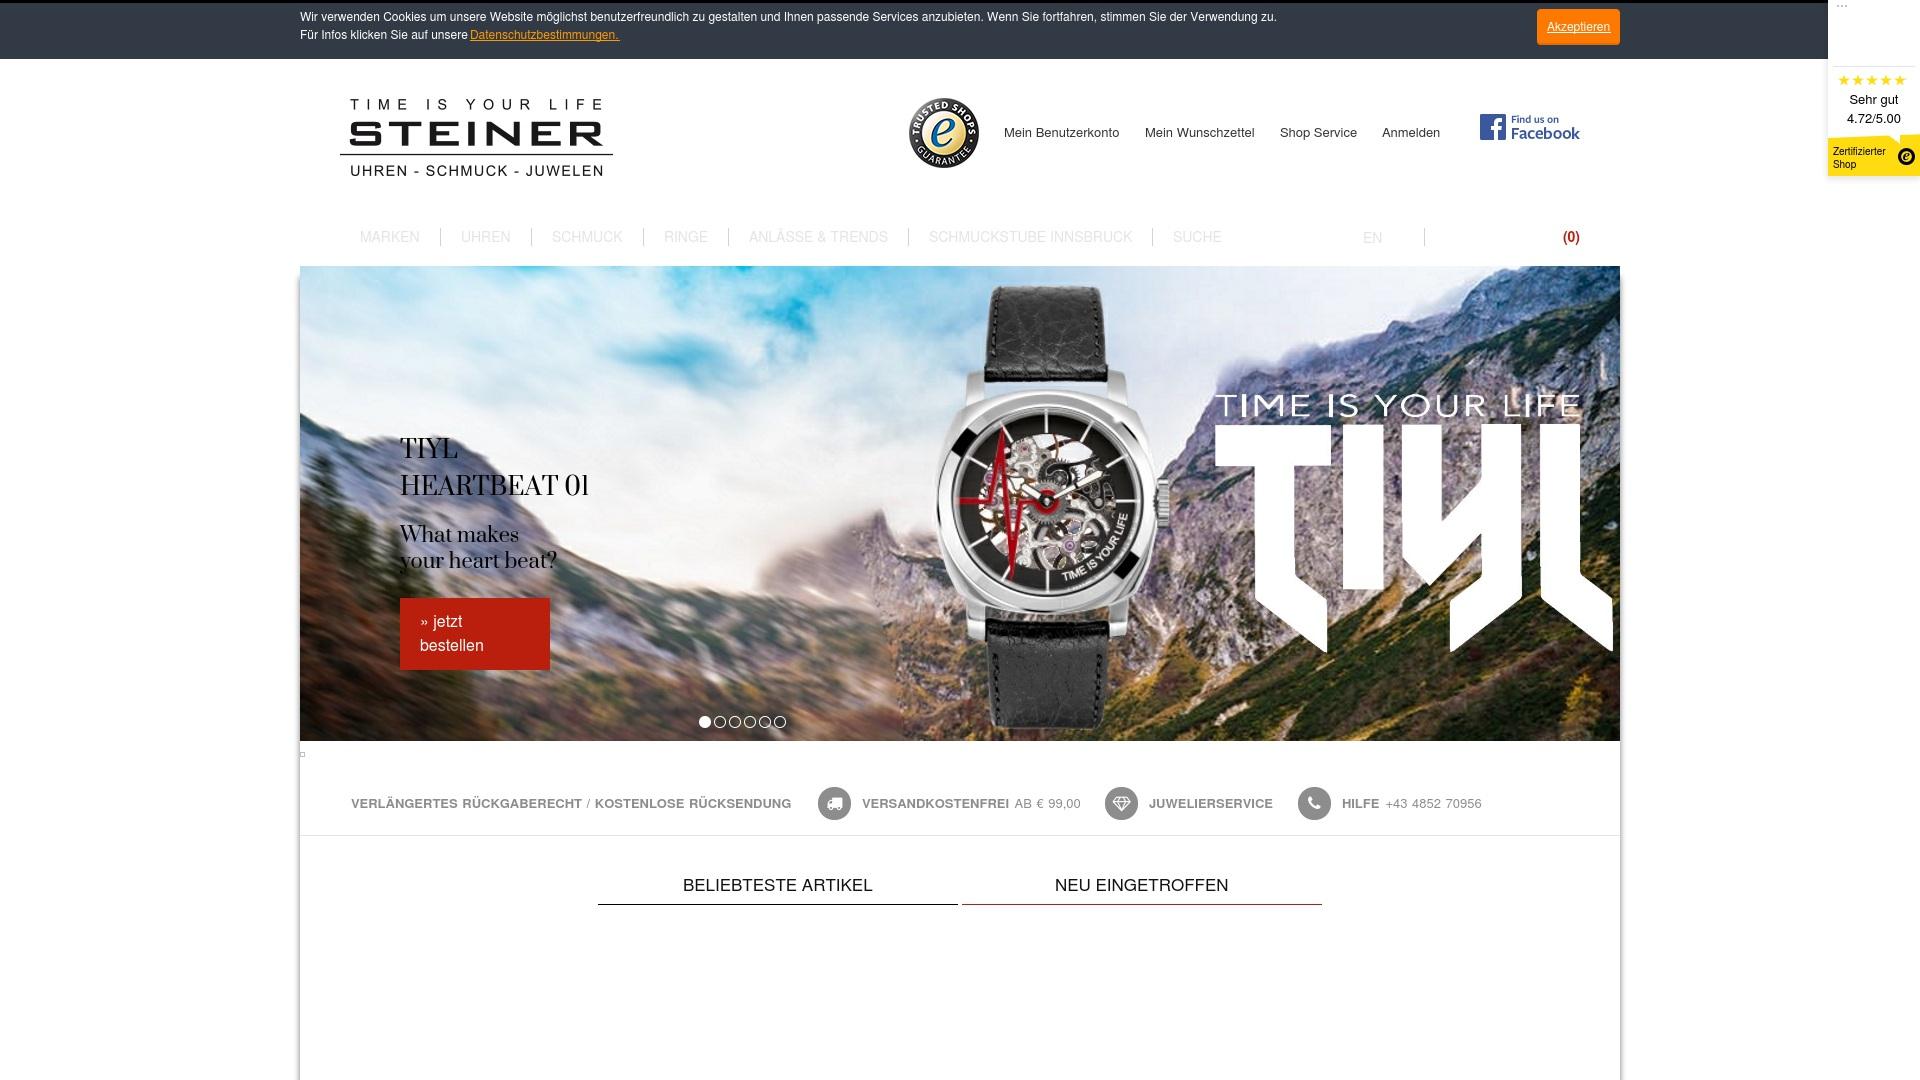 Gutschein für Steiner-juwelier: Rabatte für  Steiner-juwelier sichern